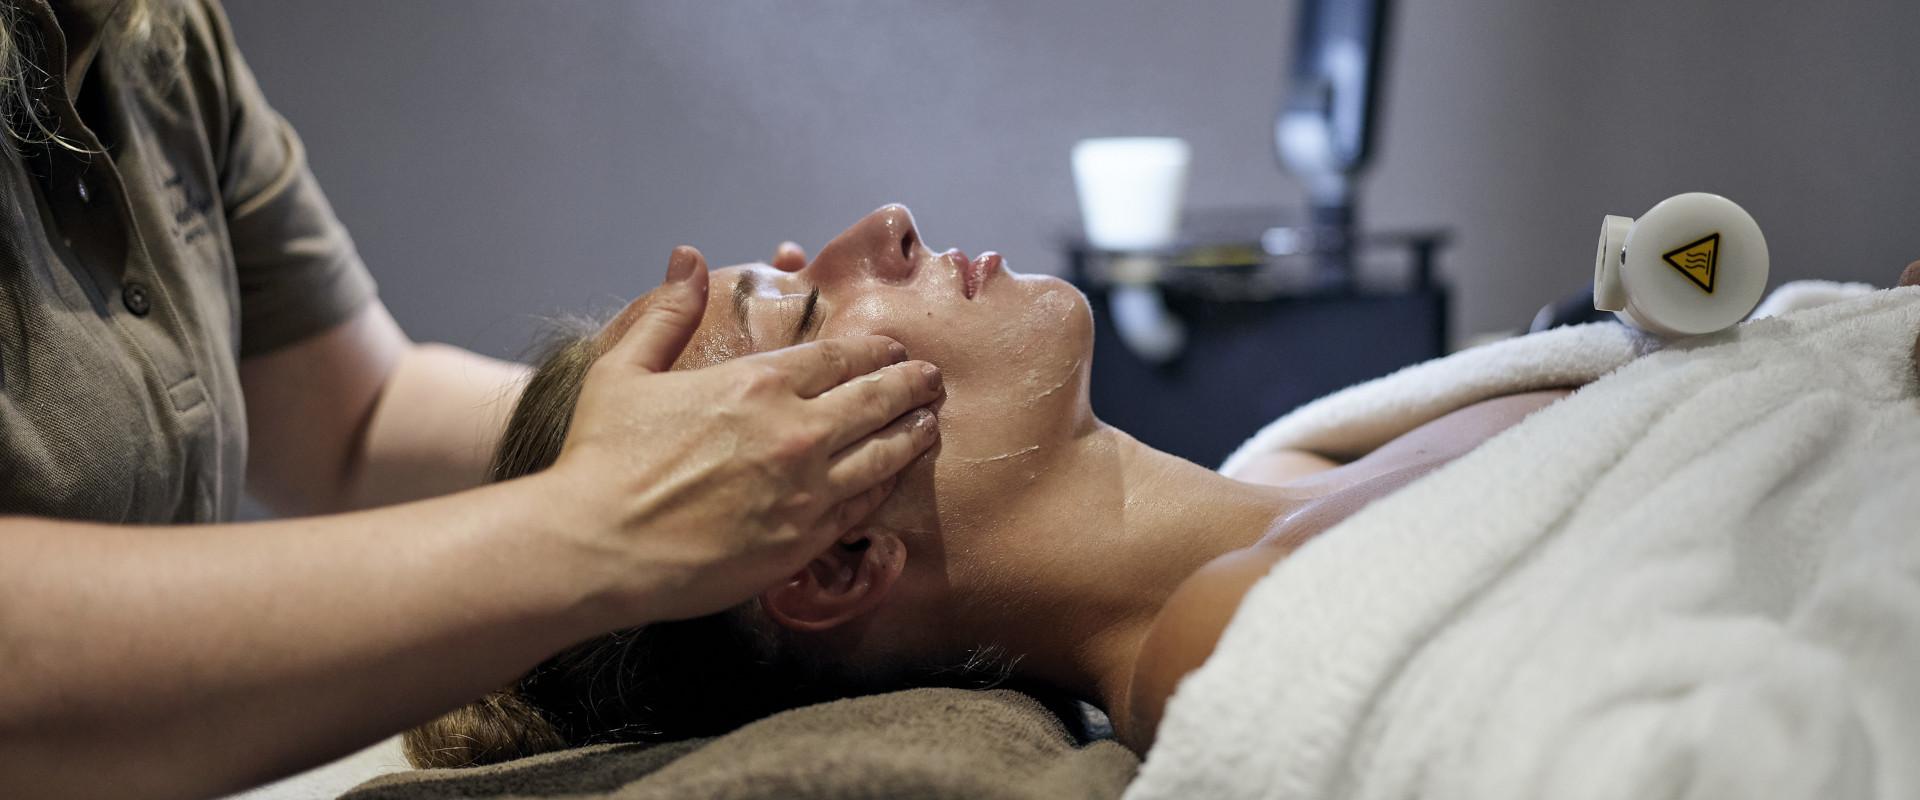 Oberkörper einer Frau mit Händen der Masseurin